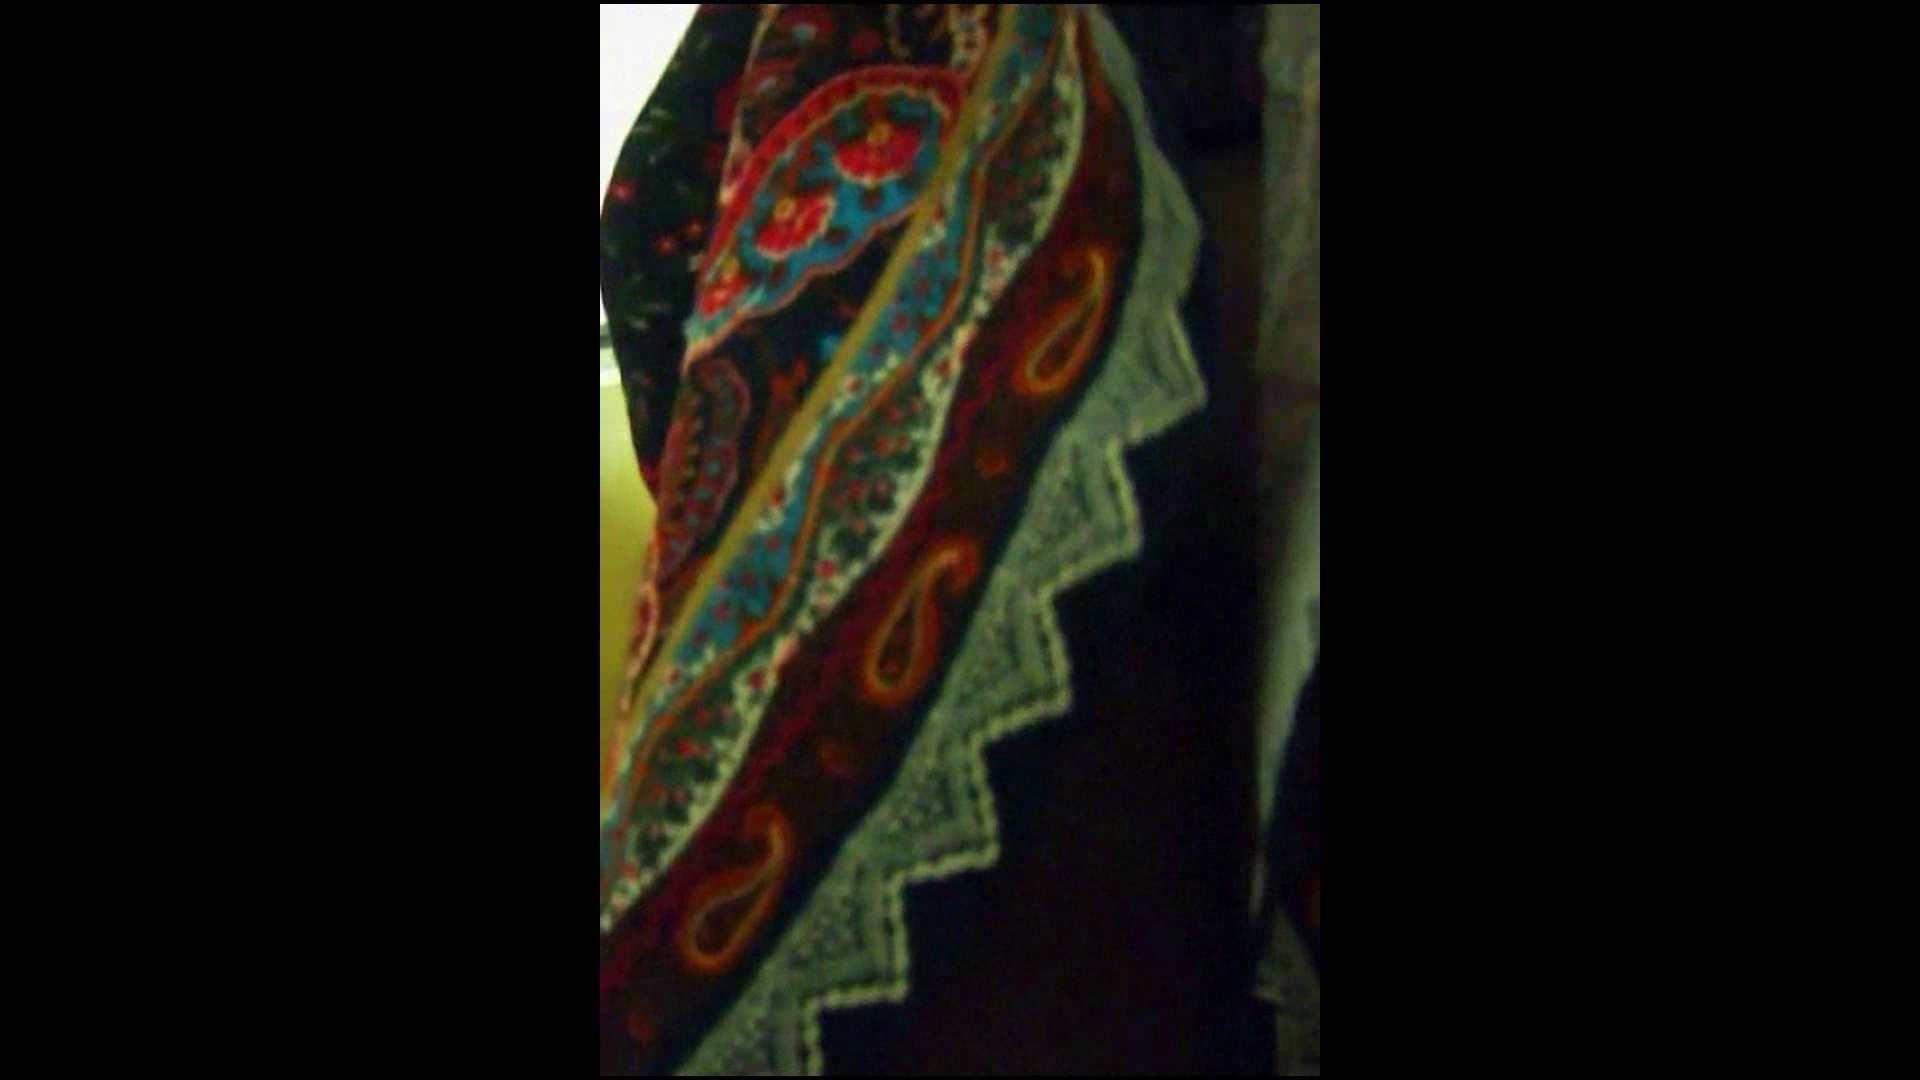 綺麗なモデルさんのスカート捲っちゃおう‼vol05 OLセックス   お姉さんヌード  59画像 37